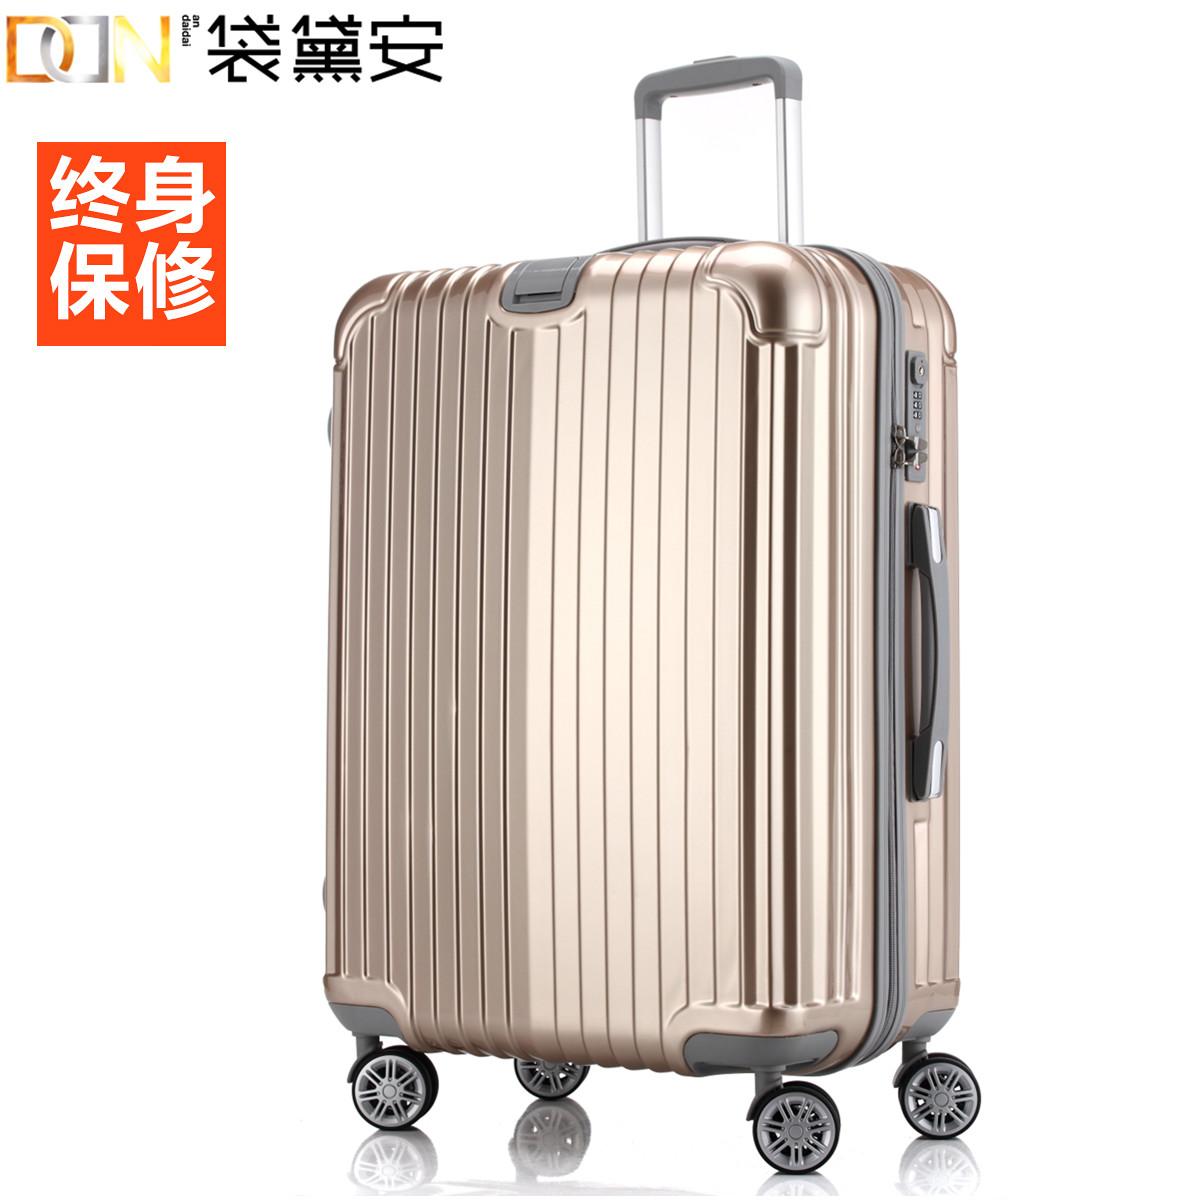 拉杆韩国万向轮密码箱行李箱卡通旅行 袋黛安